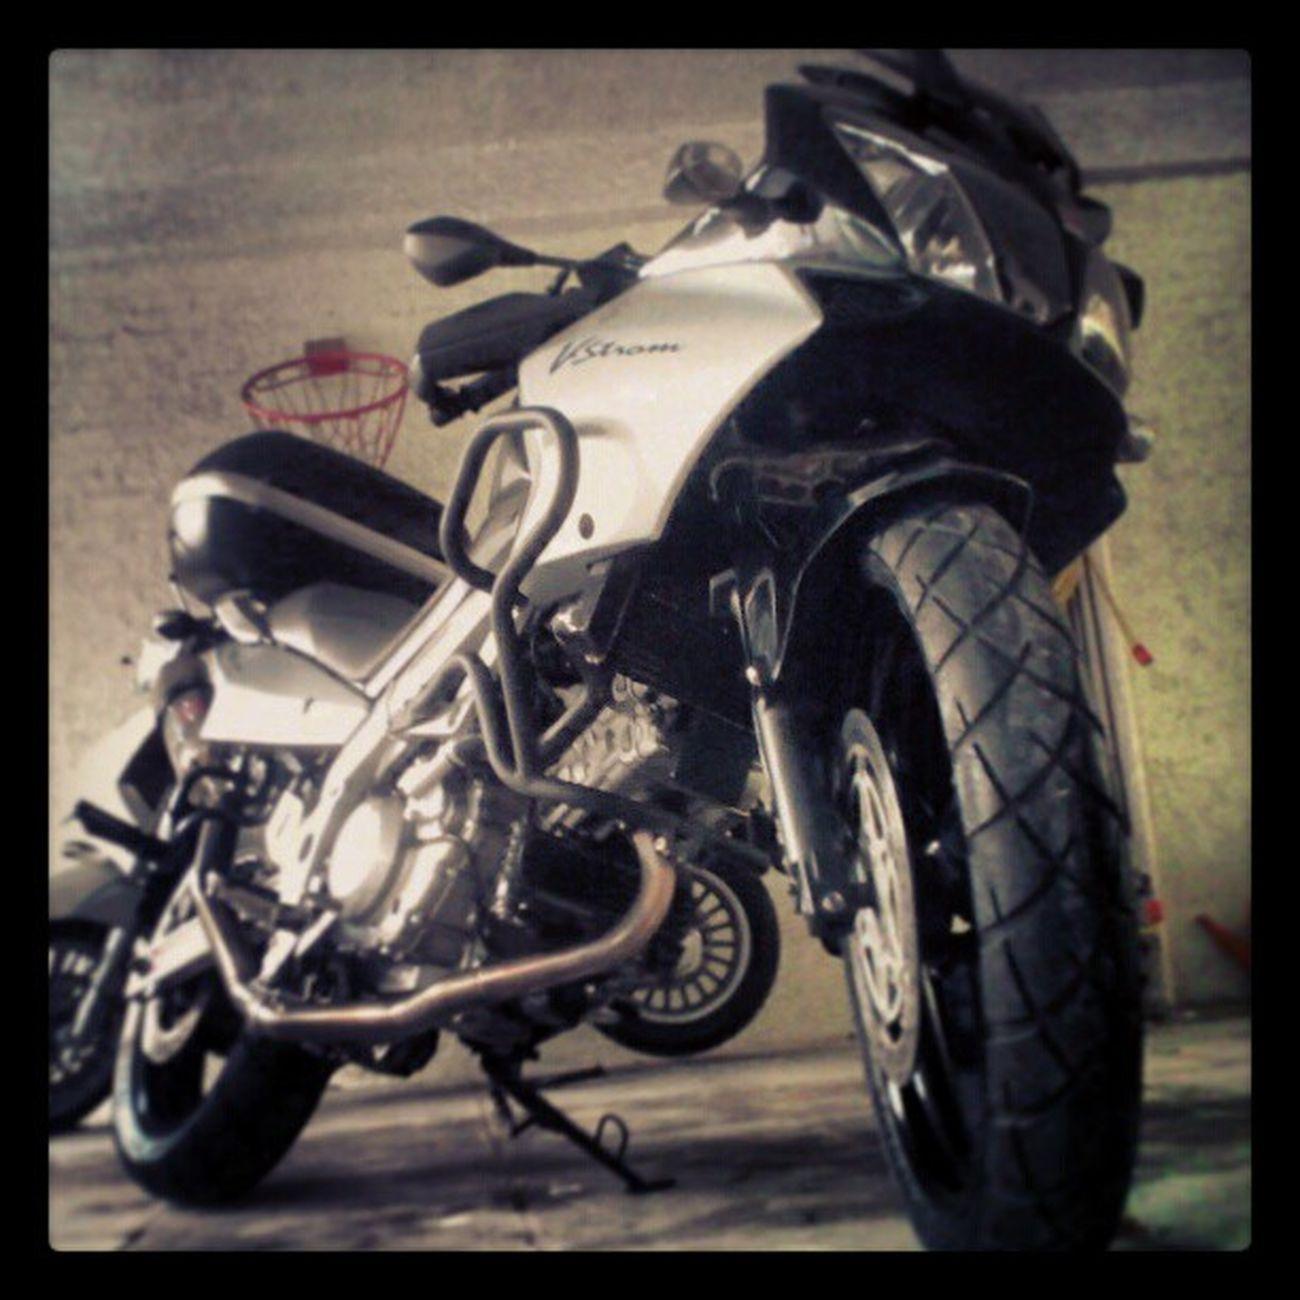 another pic of the storm VStrom Suzuki Bikes Moto Motobikes